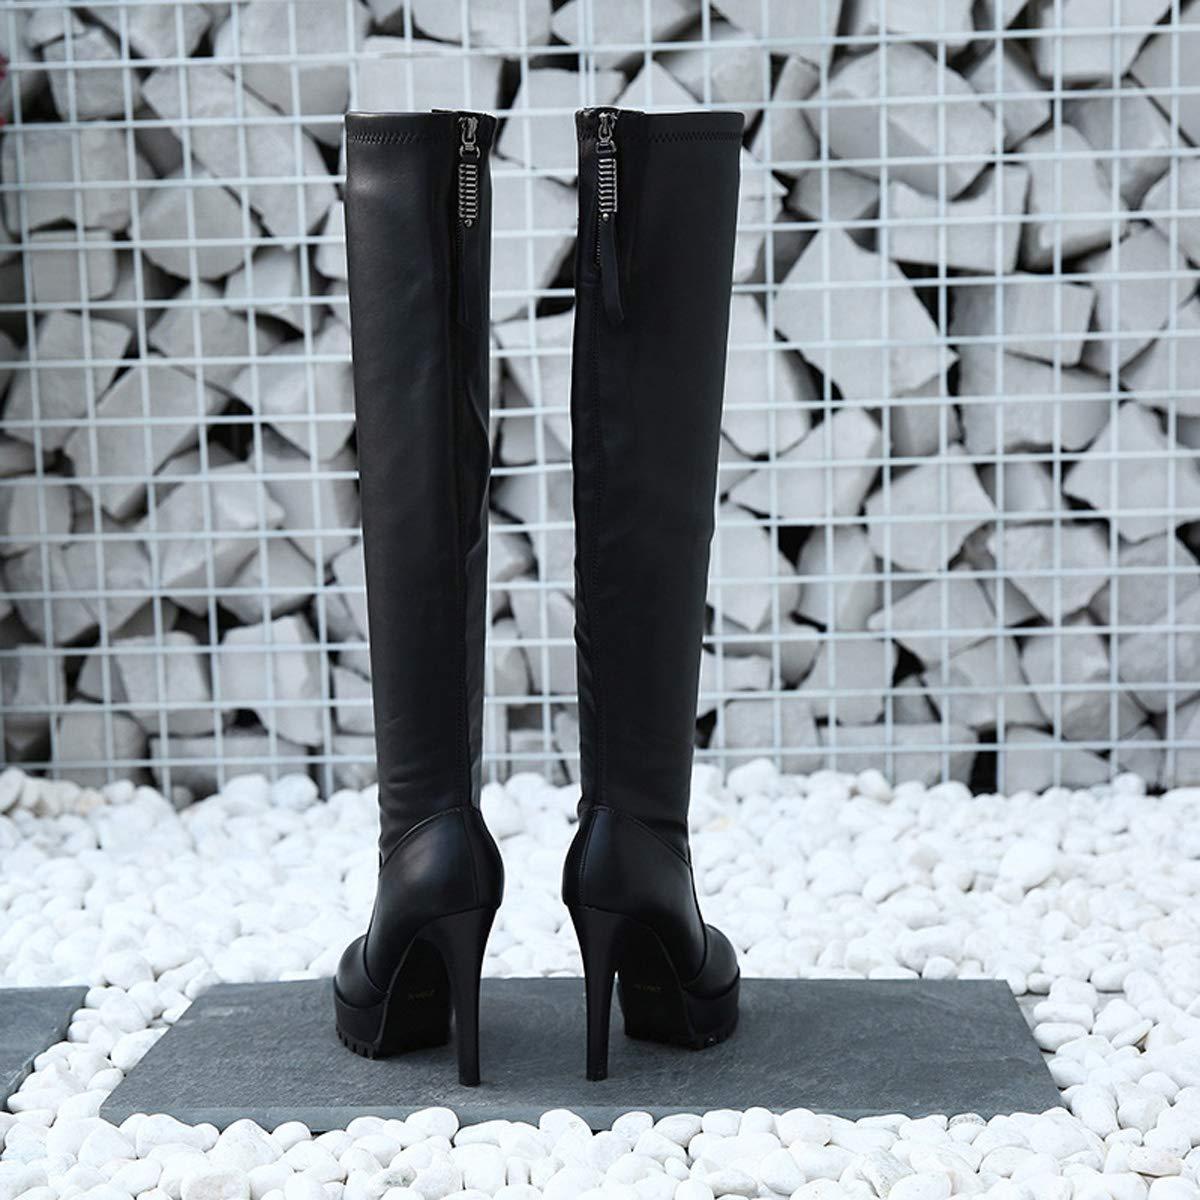 DANDANJIE Damen Overknee-Stiefel Plattform Stiletto Absatz Absatz Absatz Casual Stiefel Damen High Heel Mode Stiefel schwarz,schwarz,35EU 443abc